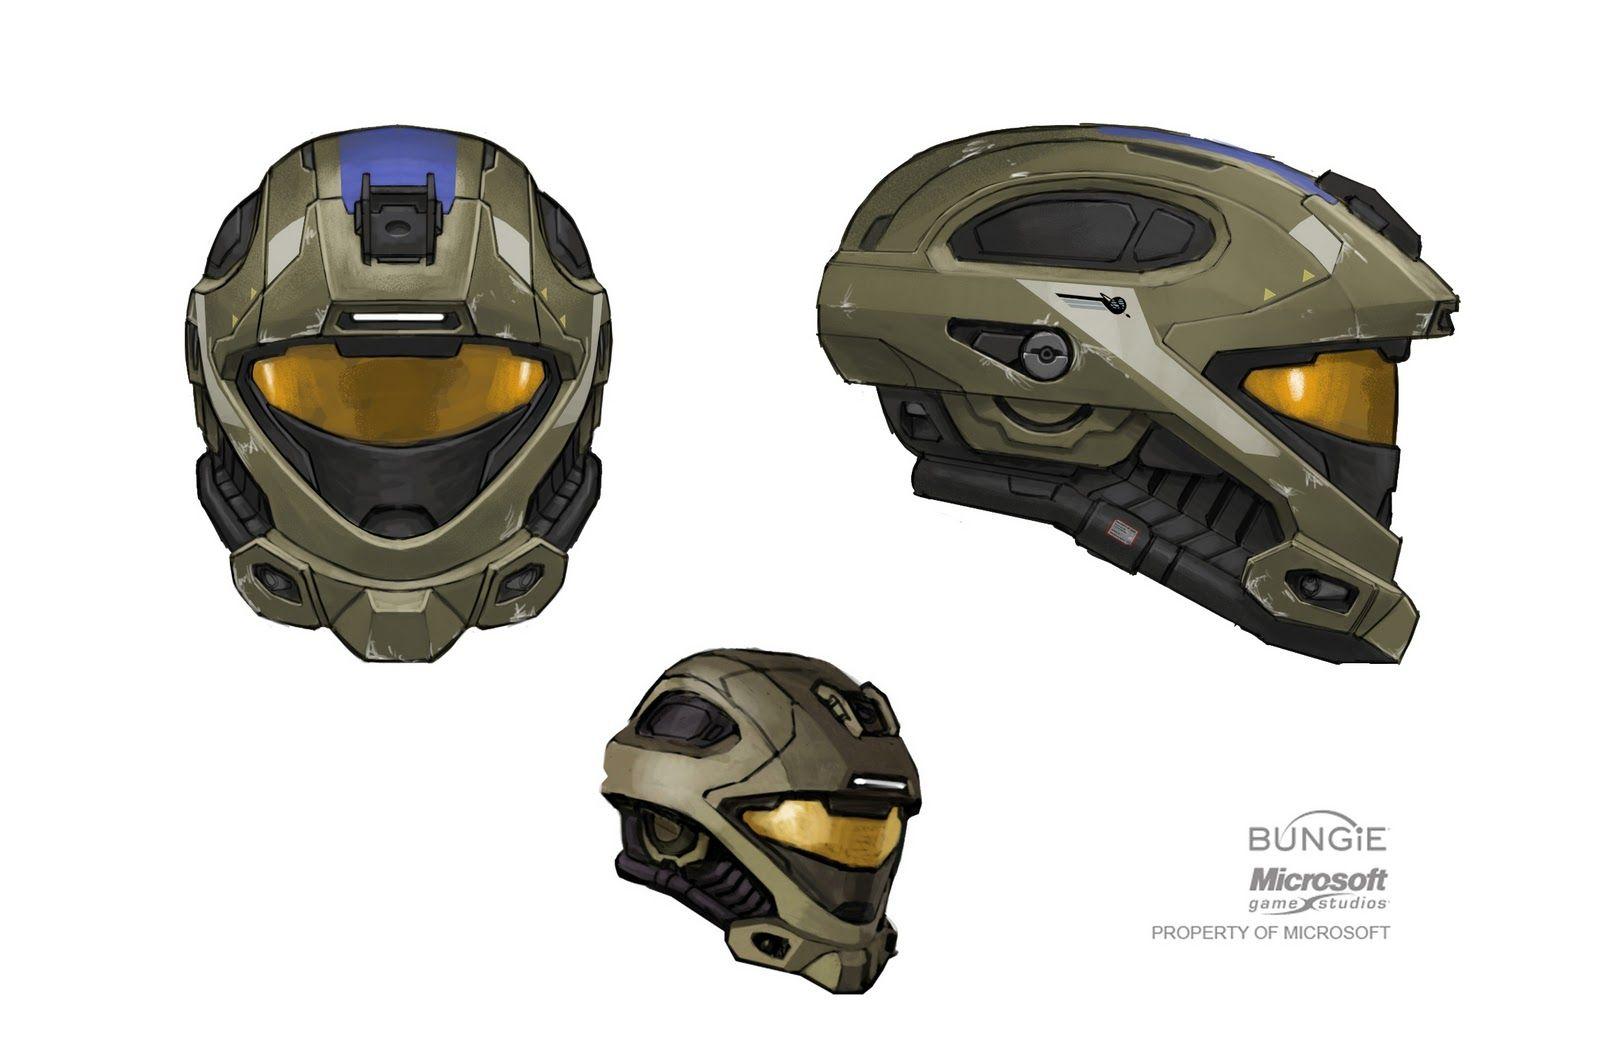 100+ Halo Reach Armor Helmets – yasminroohi